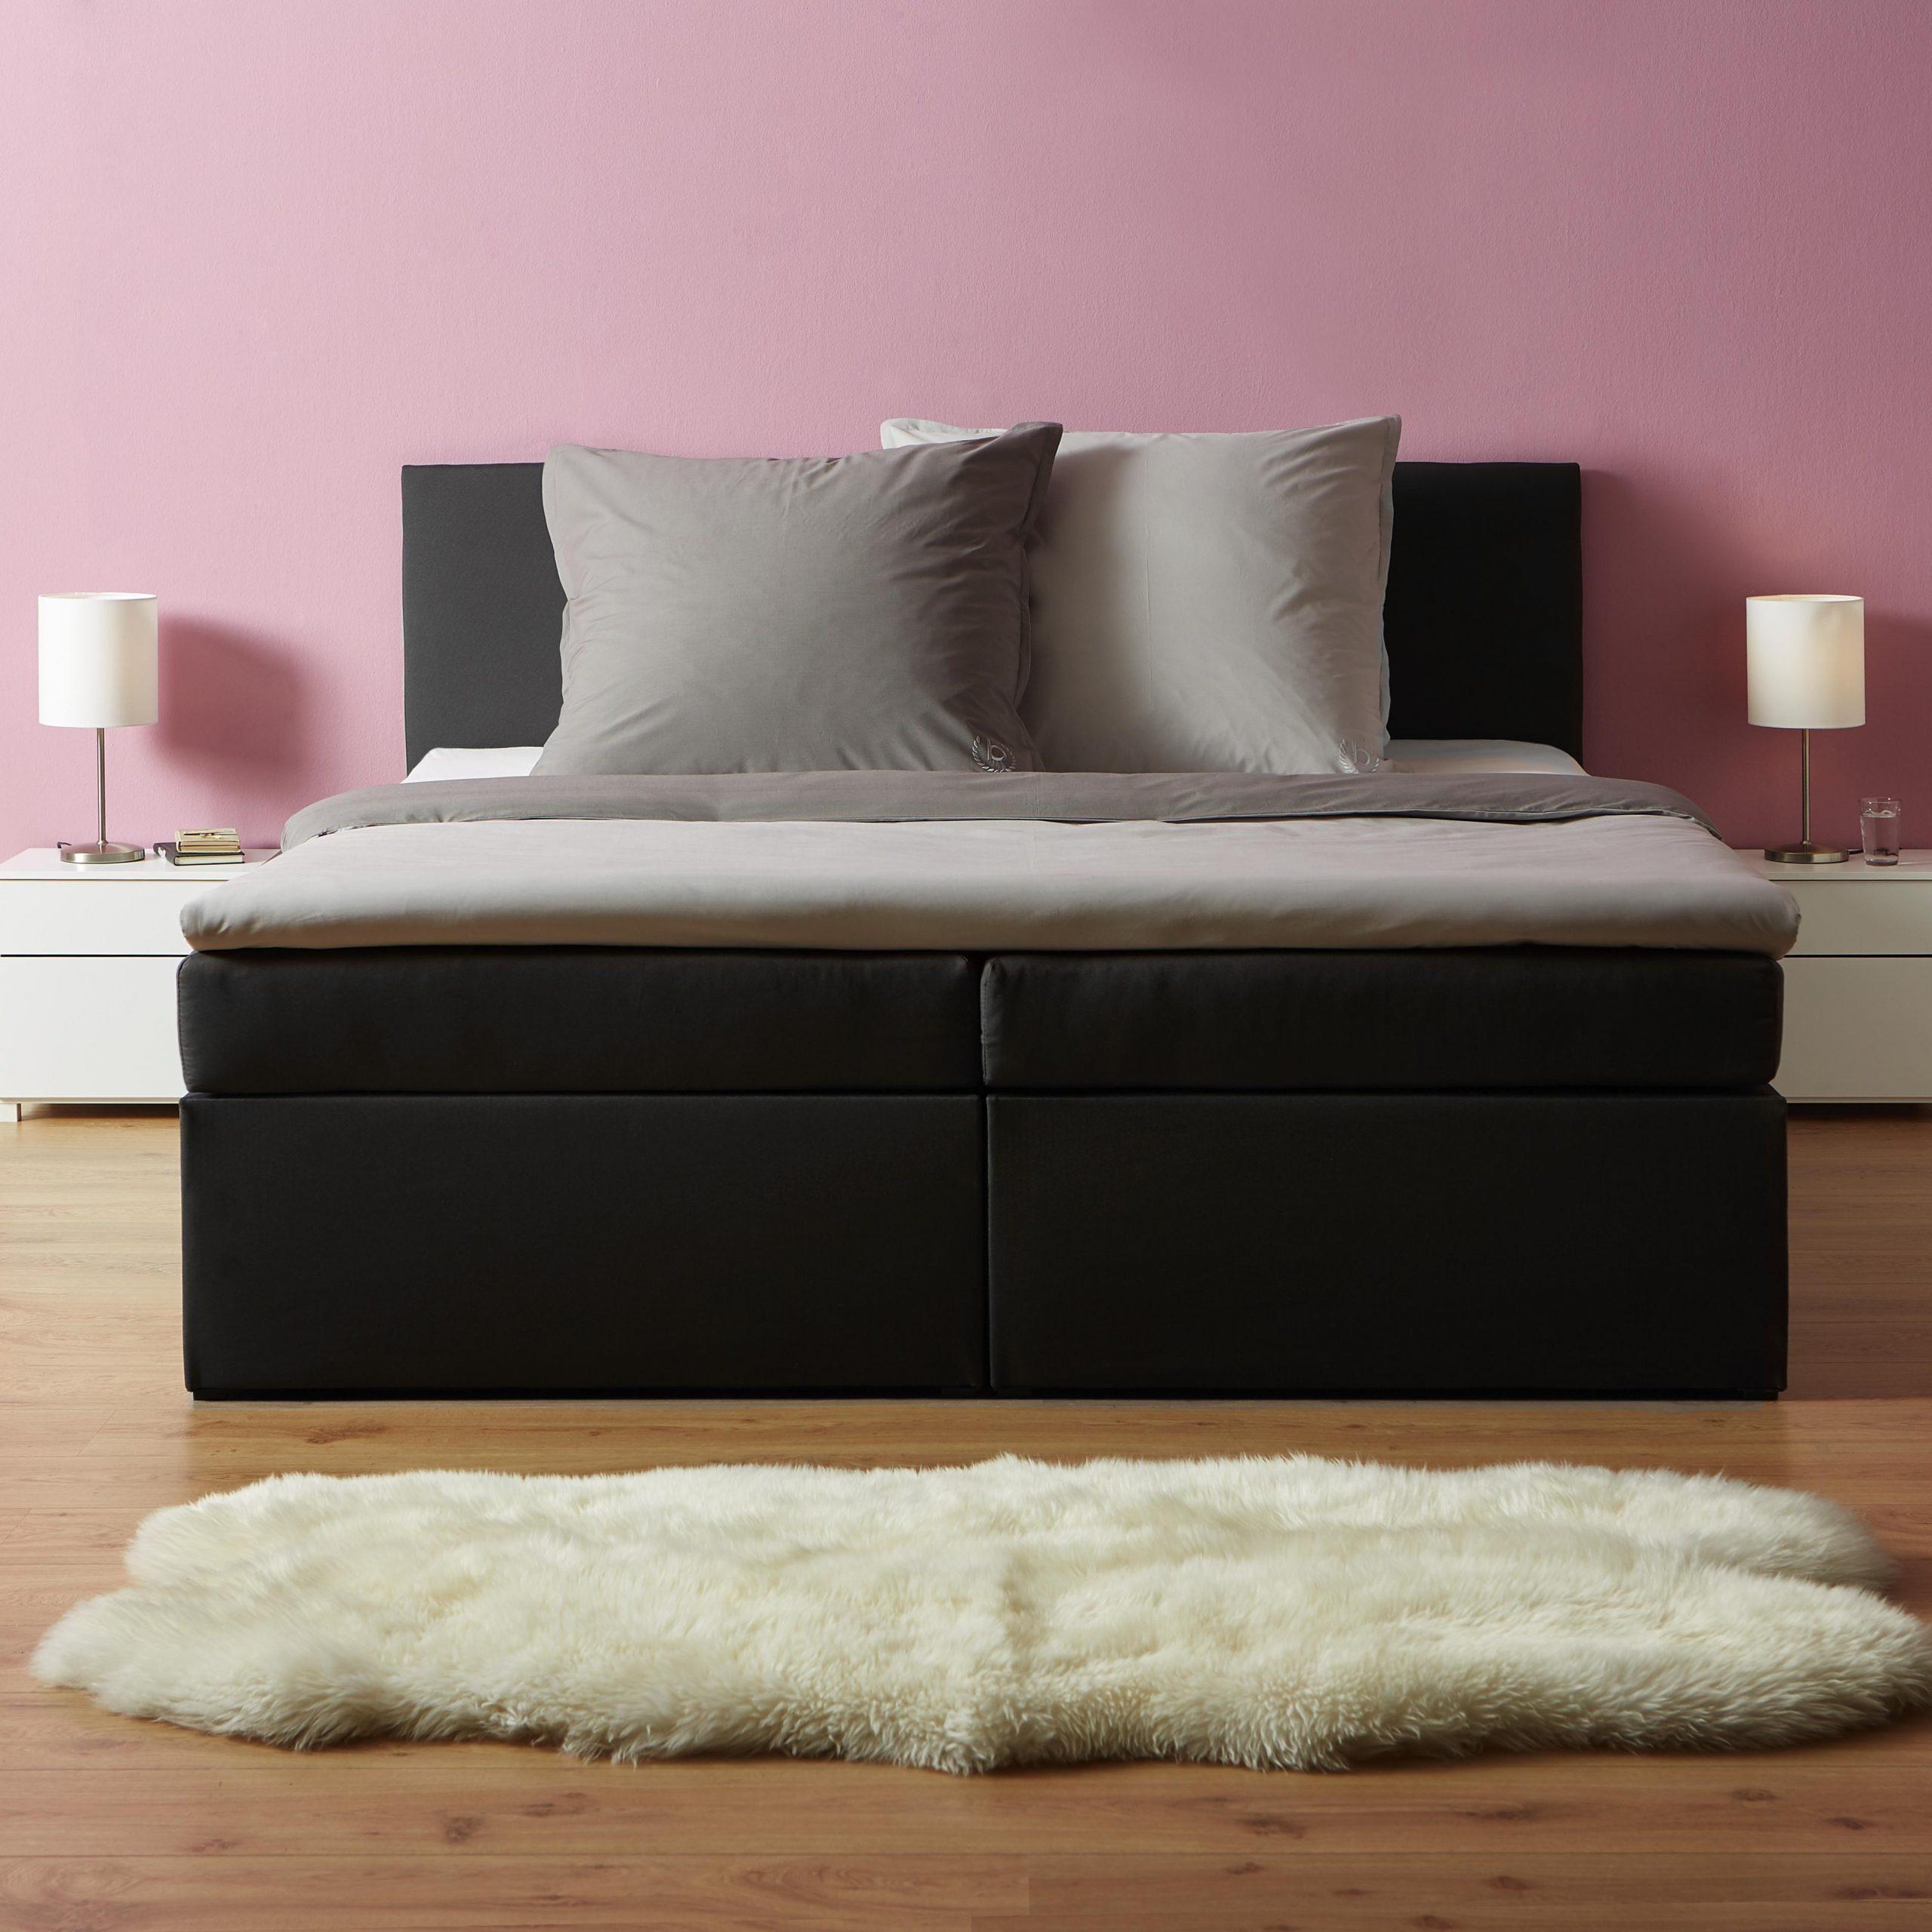 Full Size of Betten Entdecken Mmax Stabiles Bett 160 Rauch Sonoma Eiche 140x200 Home Affaire 100x200 Mit Stauraum Günstige Weißes 160x200 Badewanne Bette Bonprix Holz Bett Bett 200x220